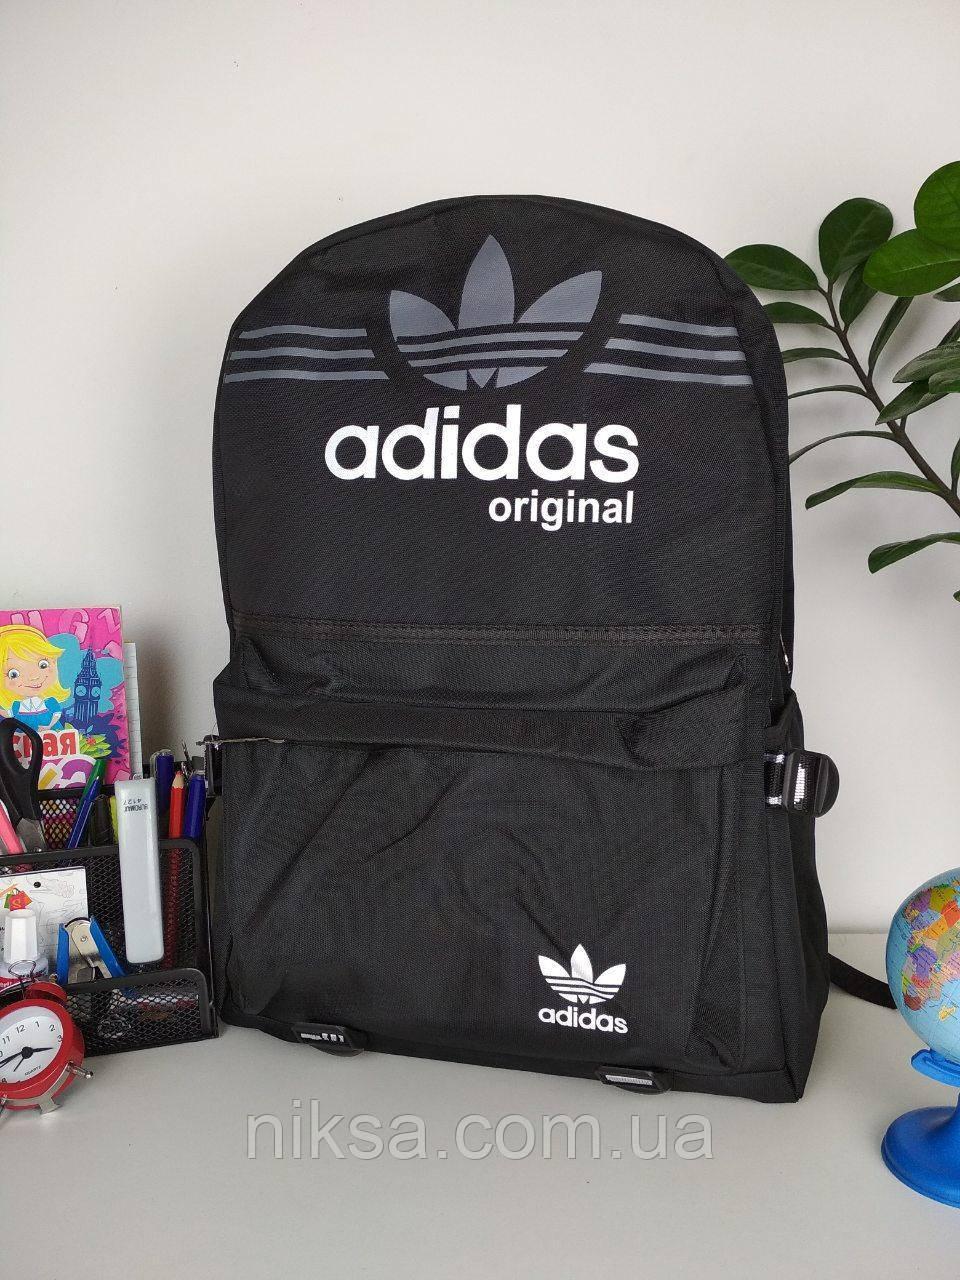 Рюкзак городской Adidas размер 45x12x30